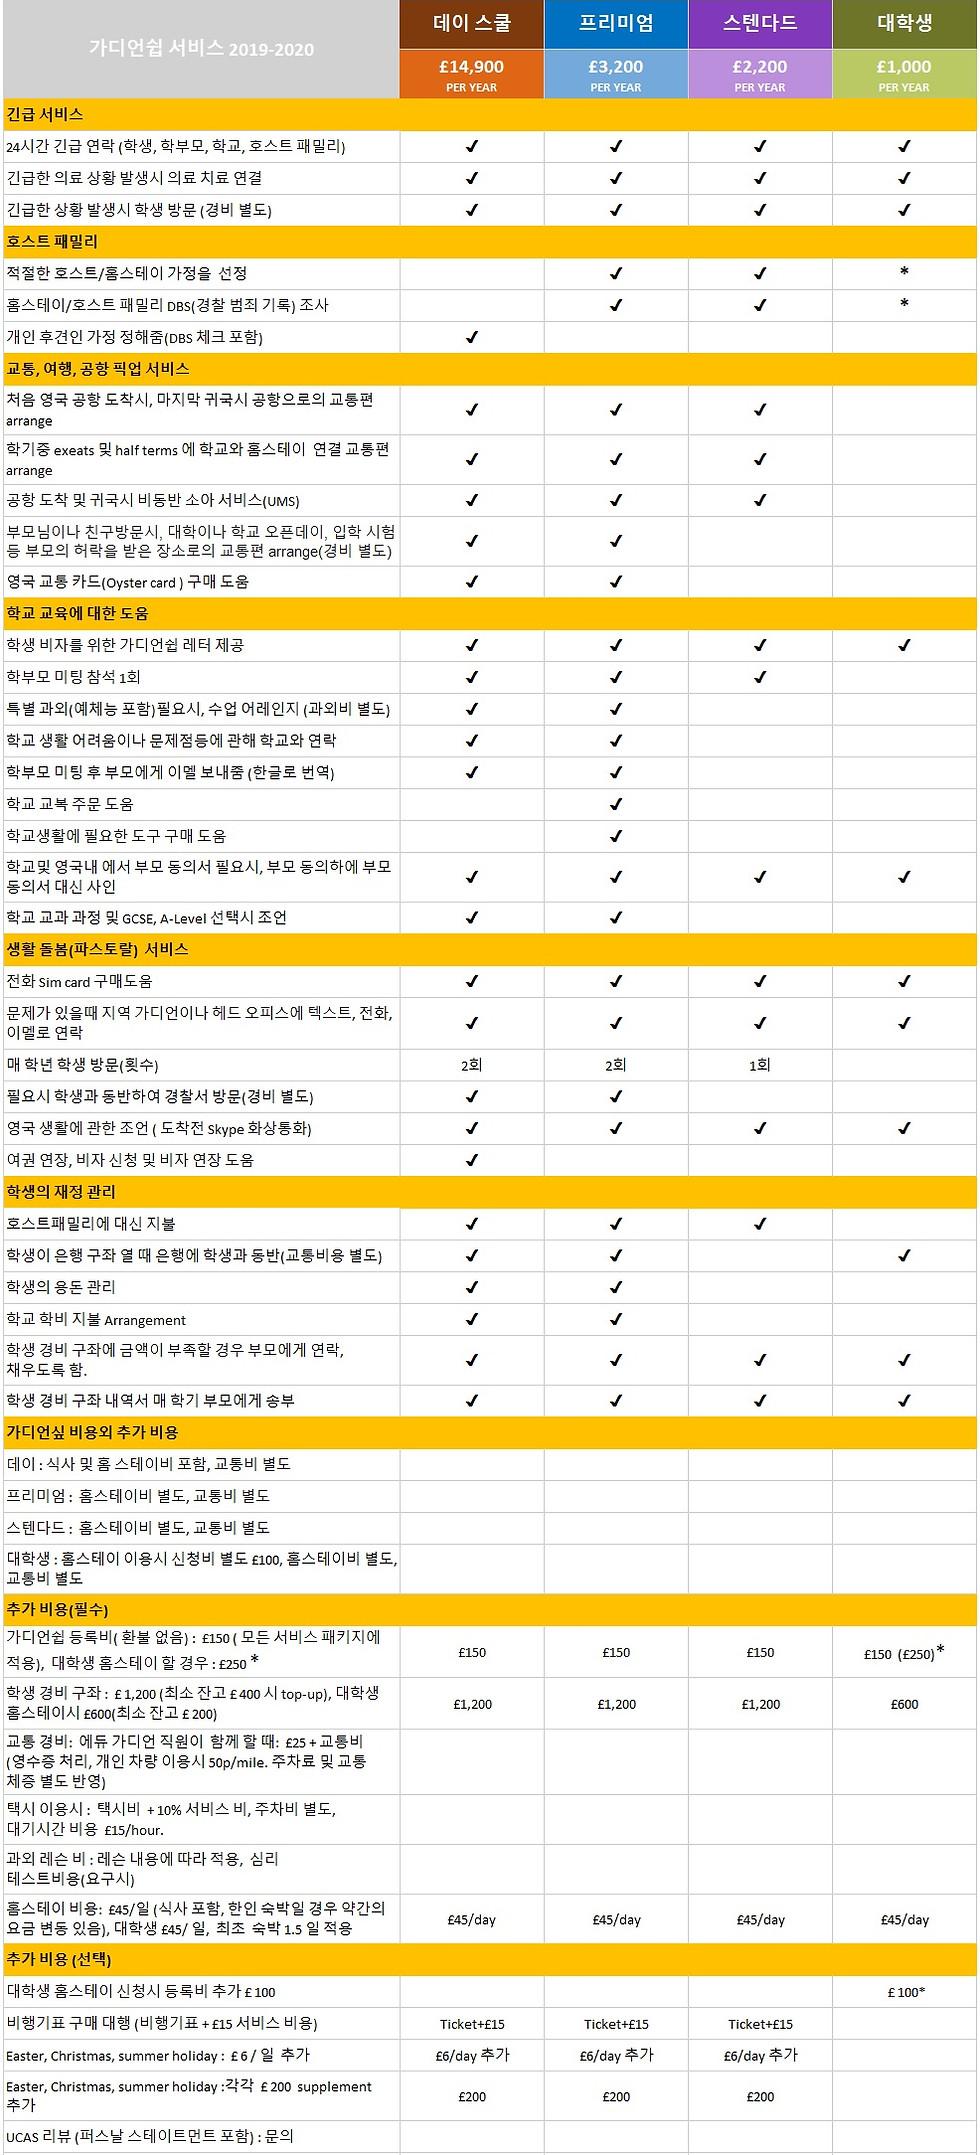 가디언쉽 패키지 한글 2019-2020.rev8 (2).jpg